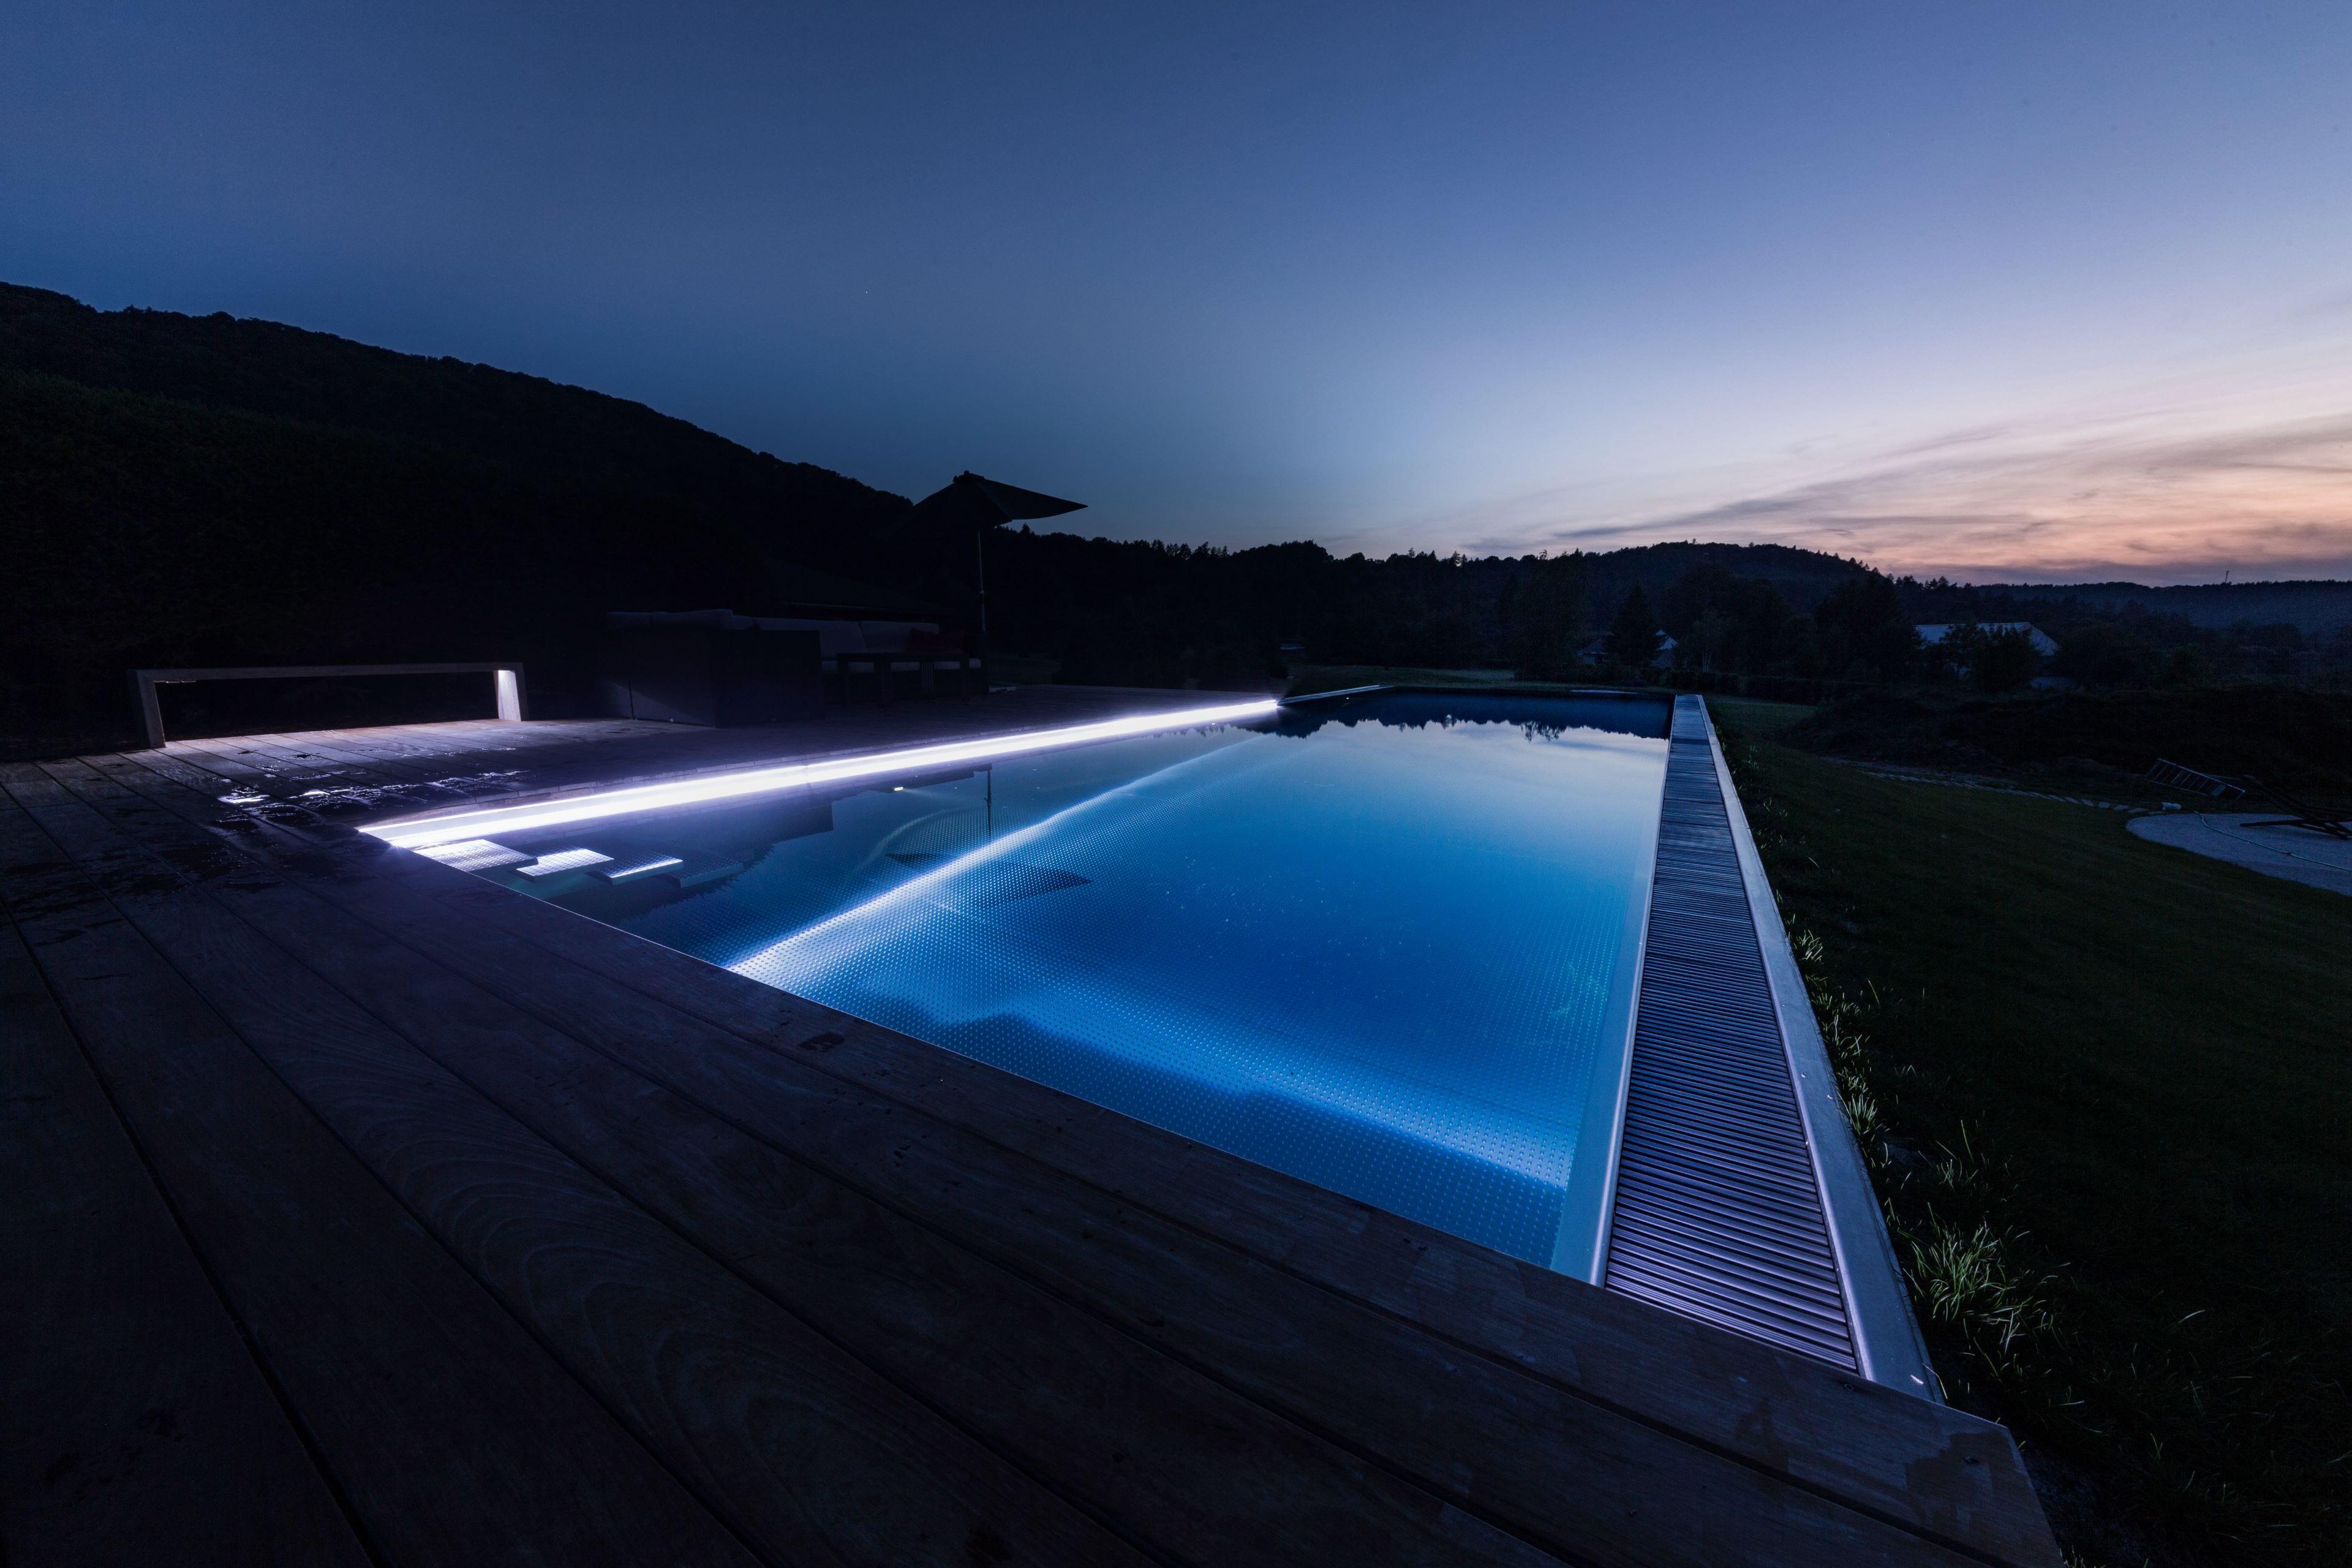 Zazimování bazénu – připravte i vy svůj bazén na zimu! | IMAGINOX